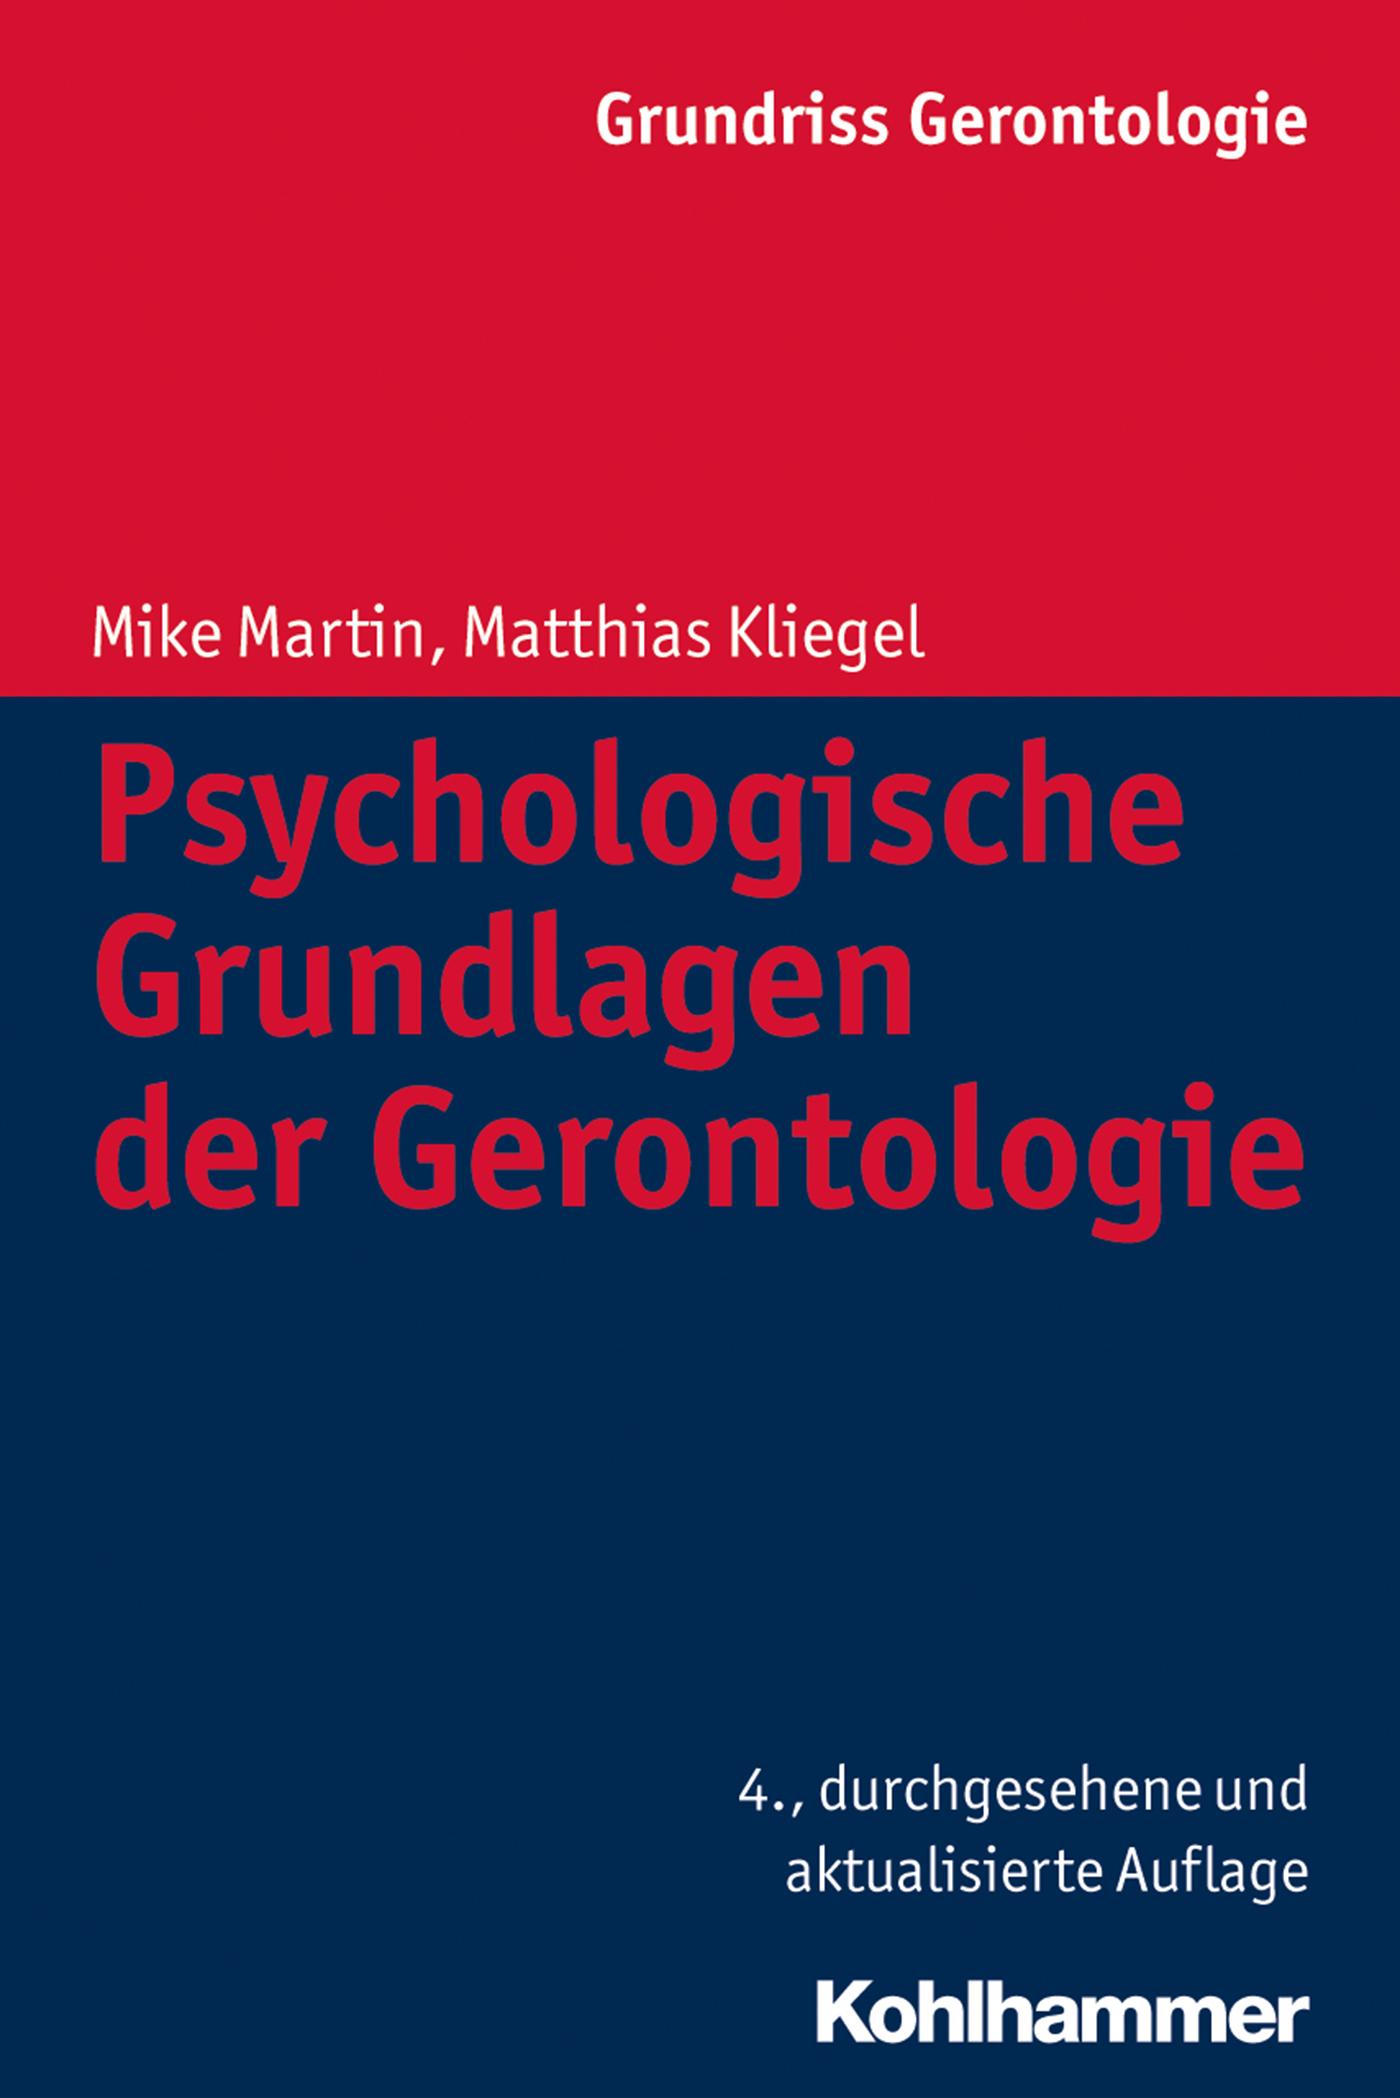 Mike Martin Psychologische Grundlagen der Gerontologie werner h tack werner h tack psychologische grundlagen der kollisionserkennung eine untersuchung zur gefahrdungsbeurteilung beim umgang mit schiffsradar